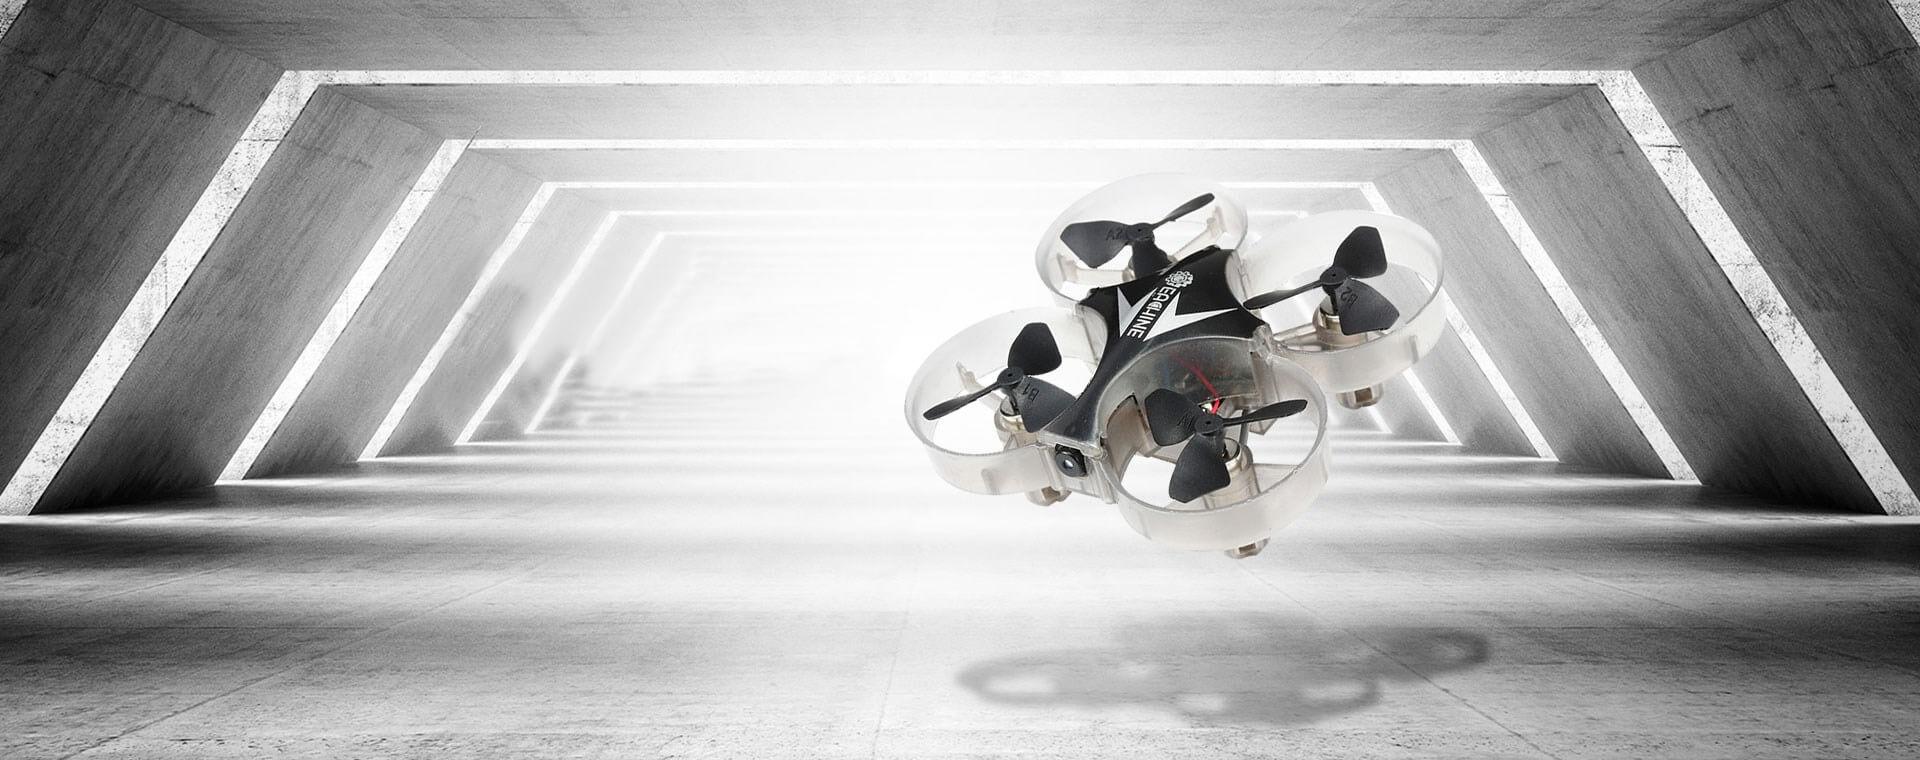 Eachine X012 FPV Racingdrone Drone Quad